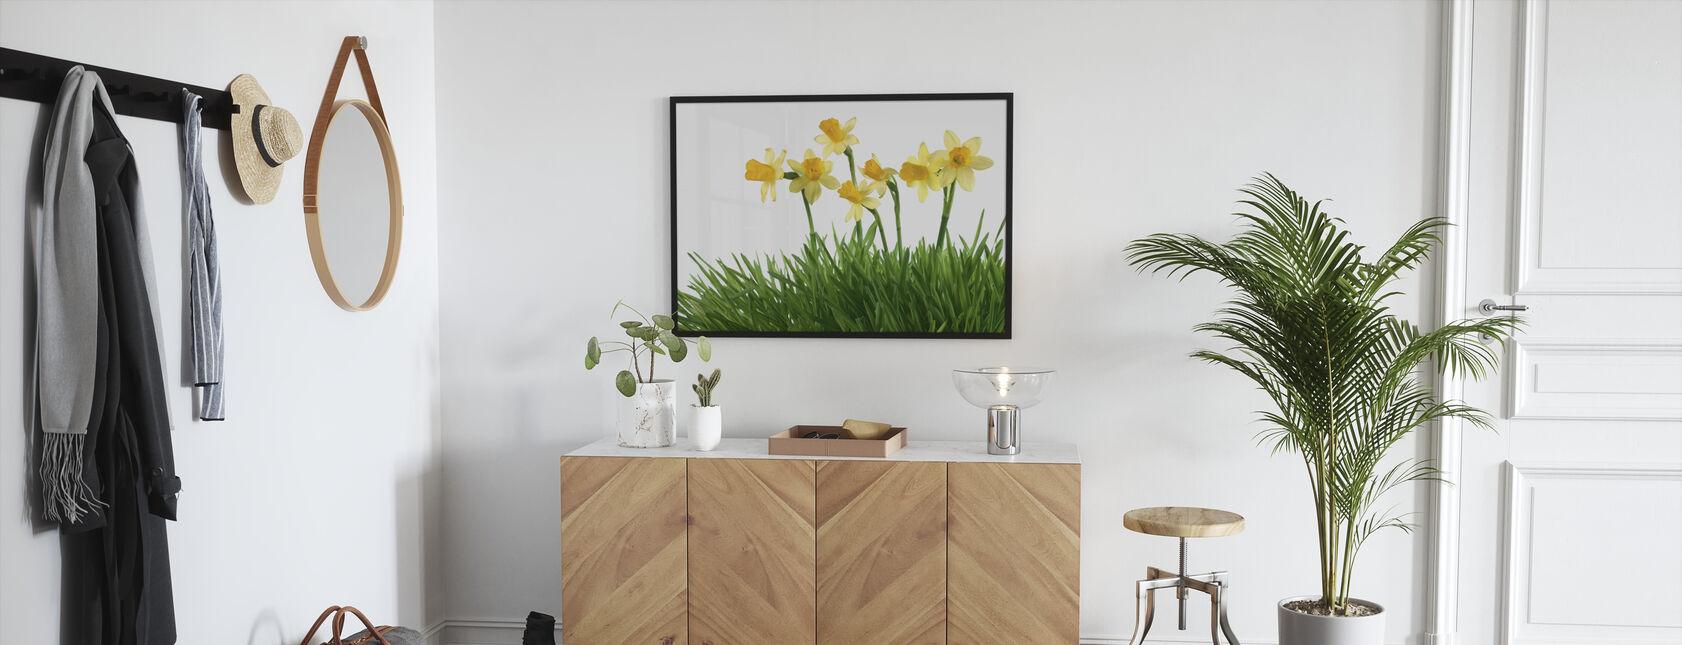 Daffodils in Green Grass - Framed print - Hallway